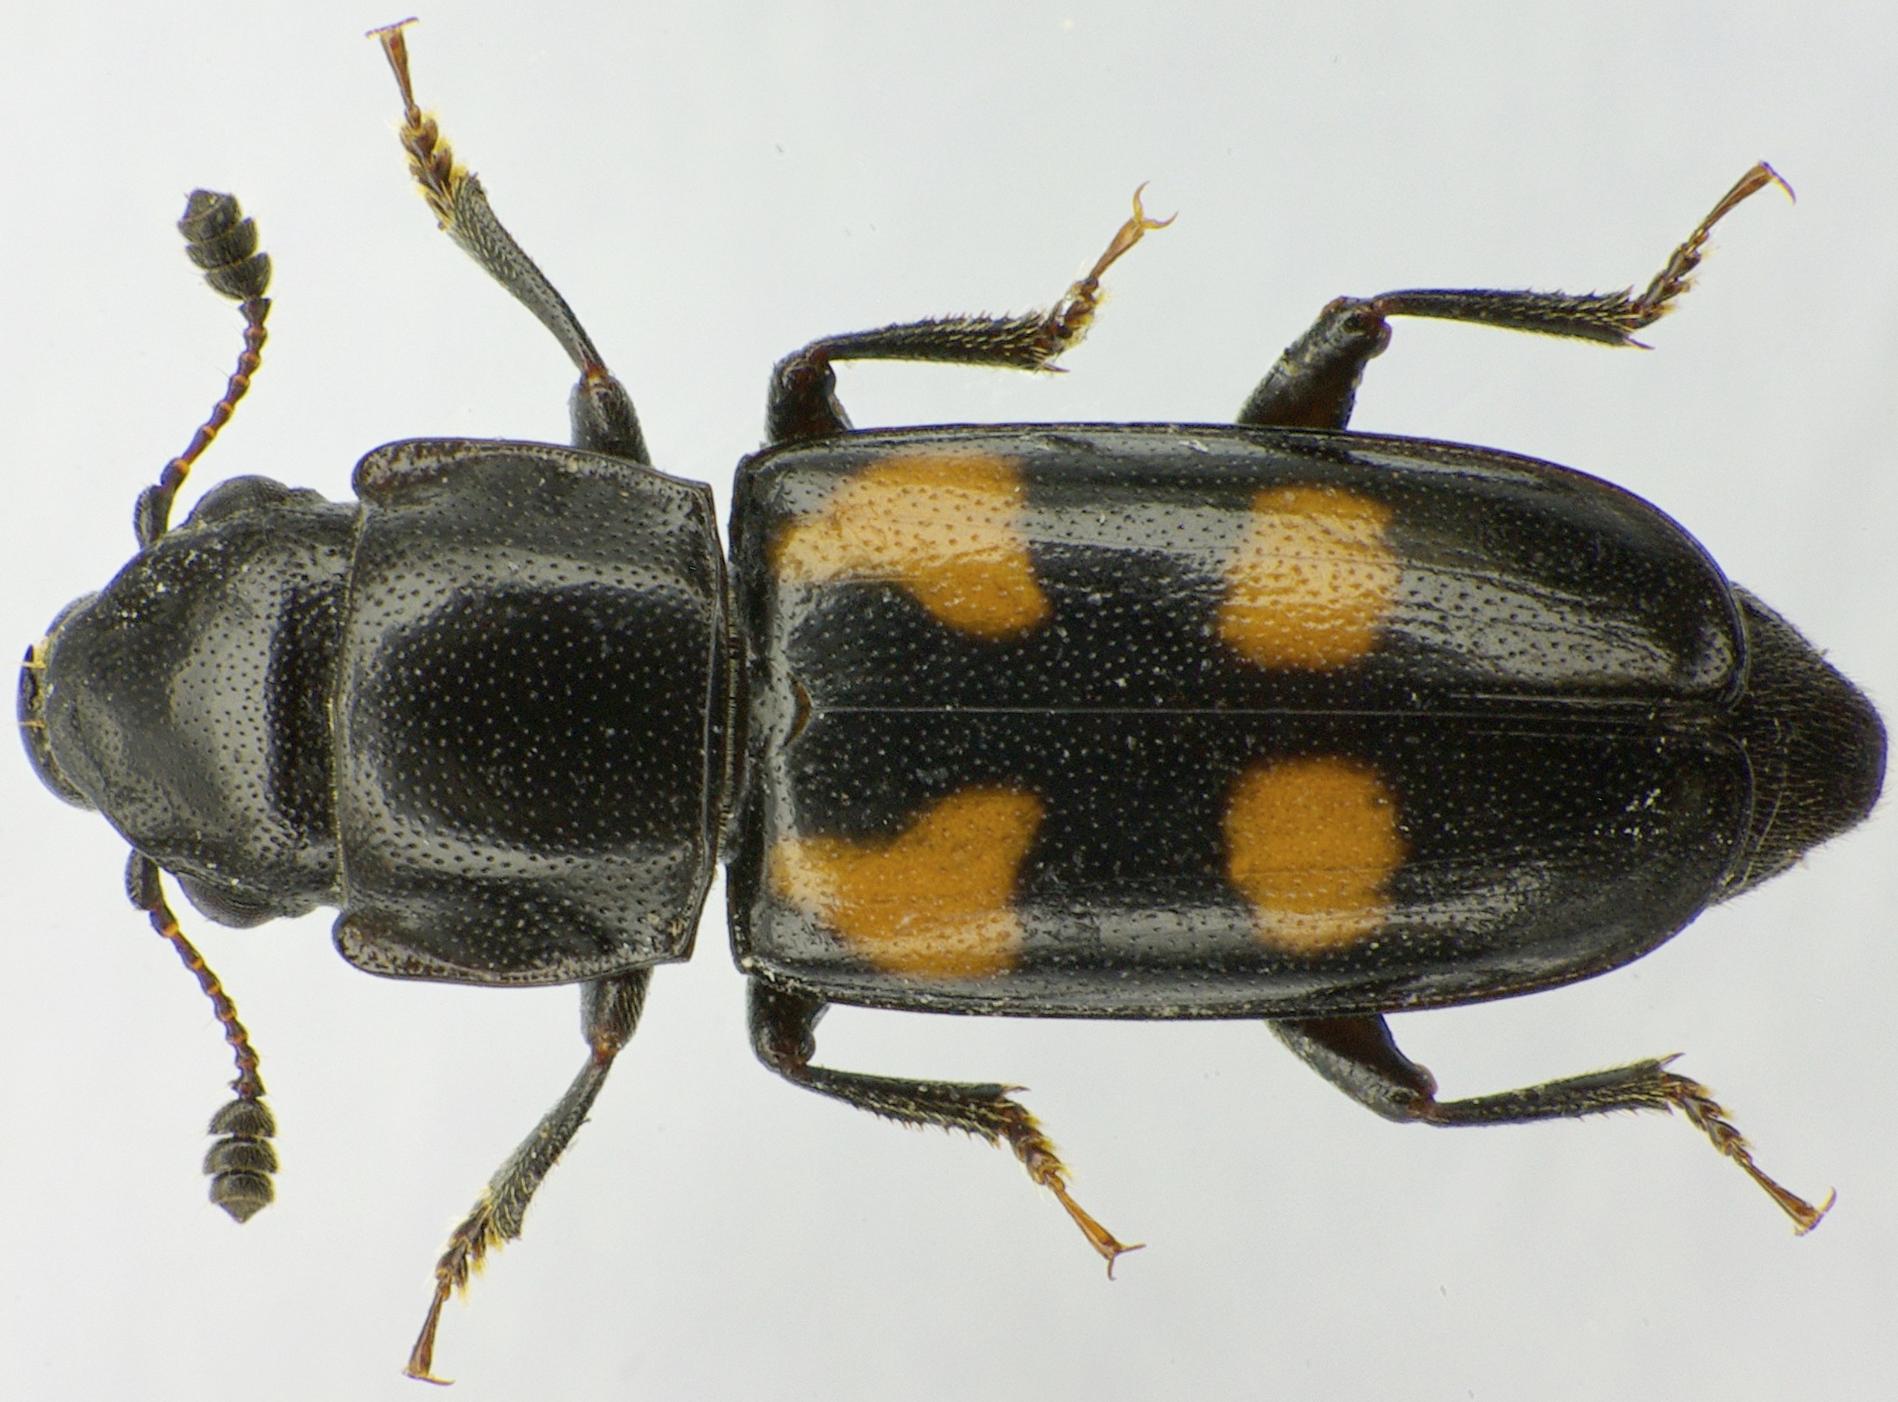 Top view of  Glischrochilus quadripunctatus